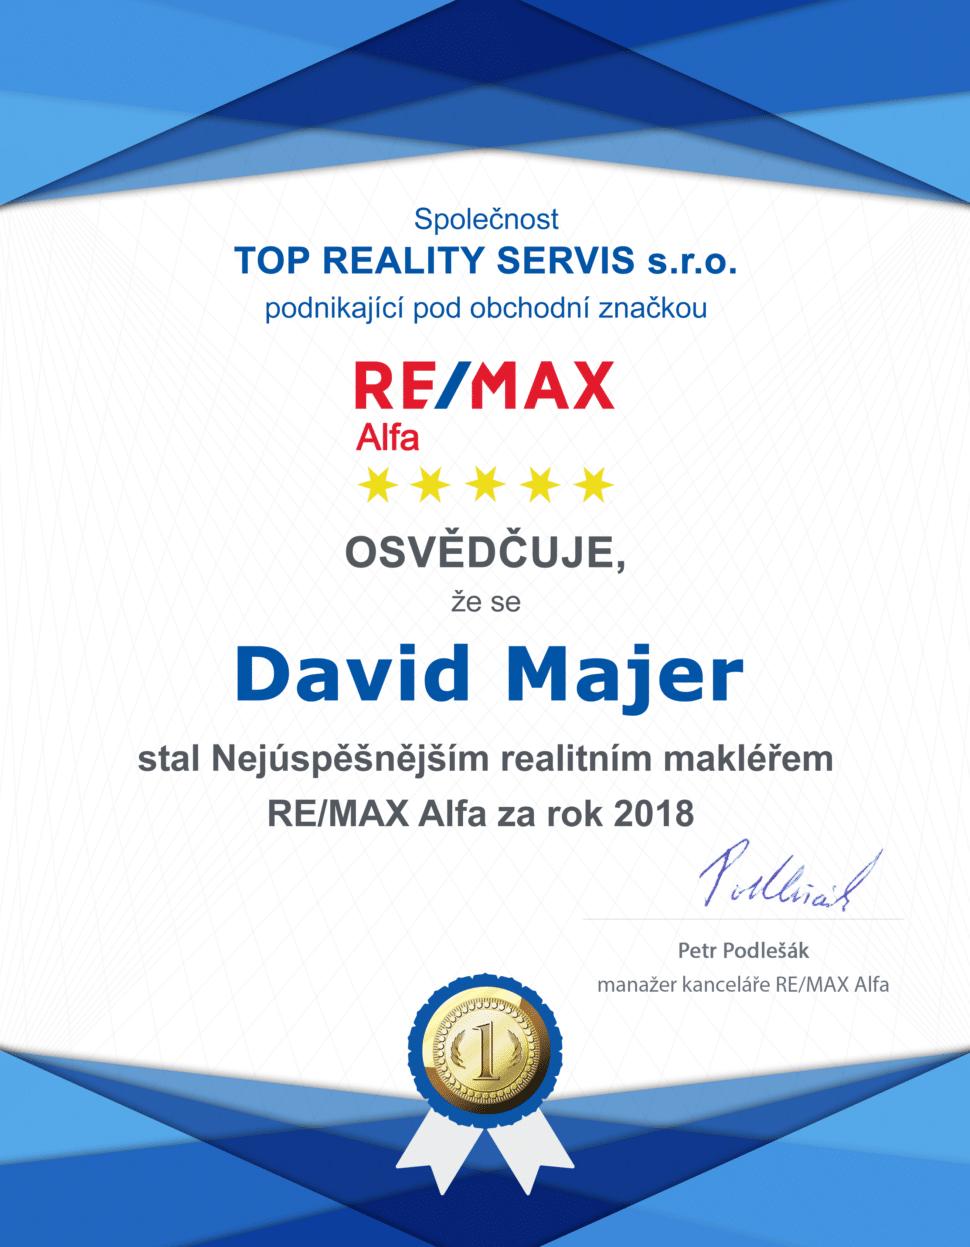 David Majer nejuspesnejsi makler REMAX Alfa 2018